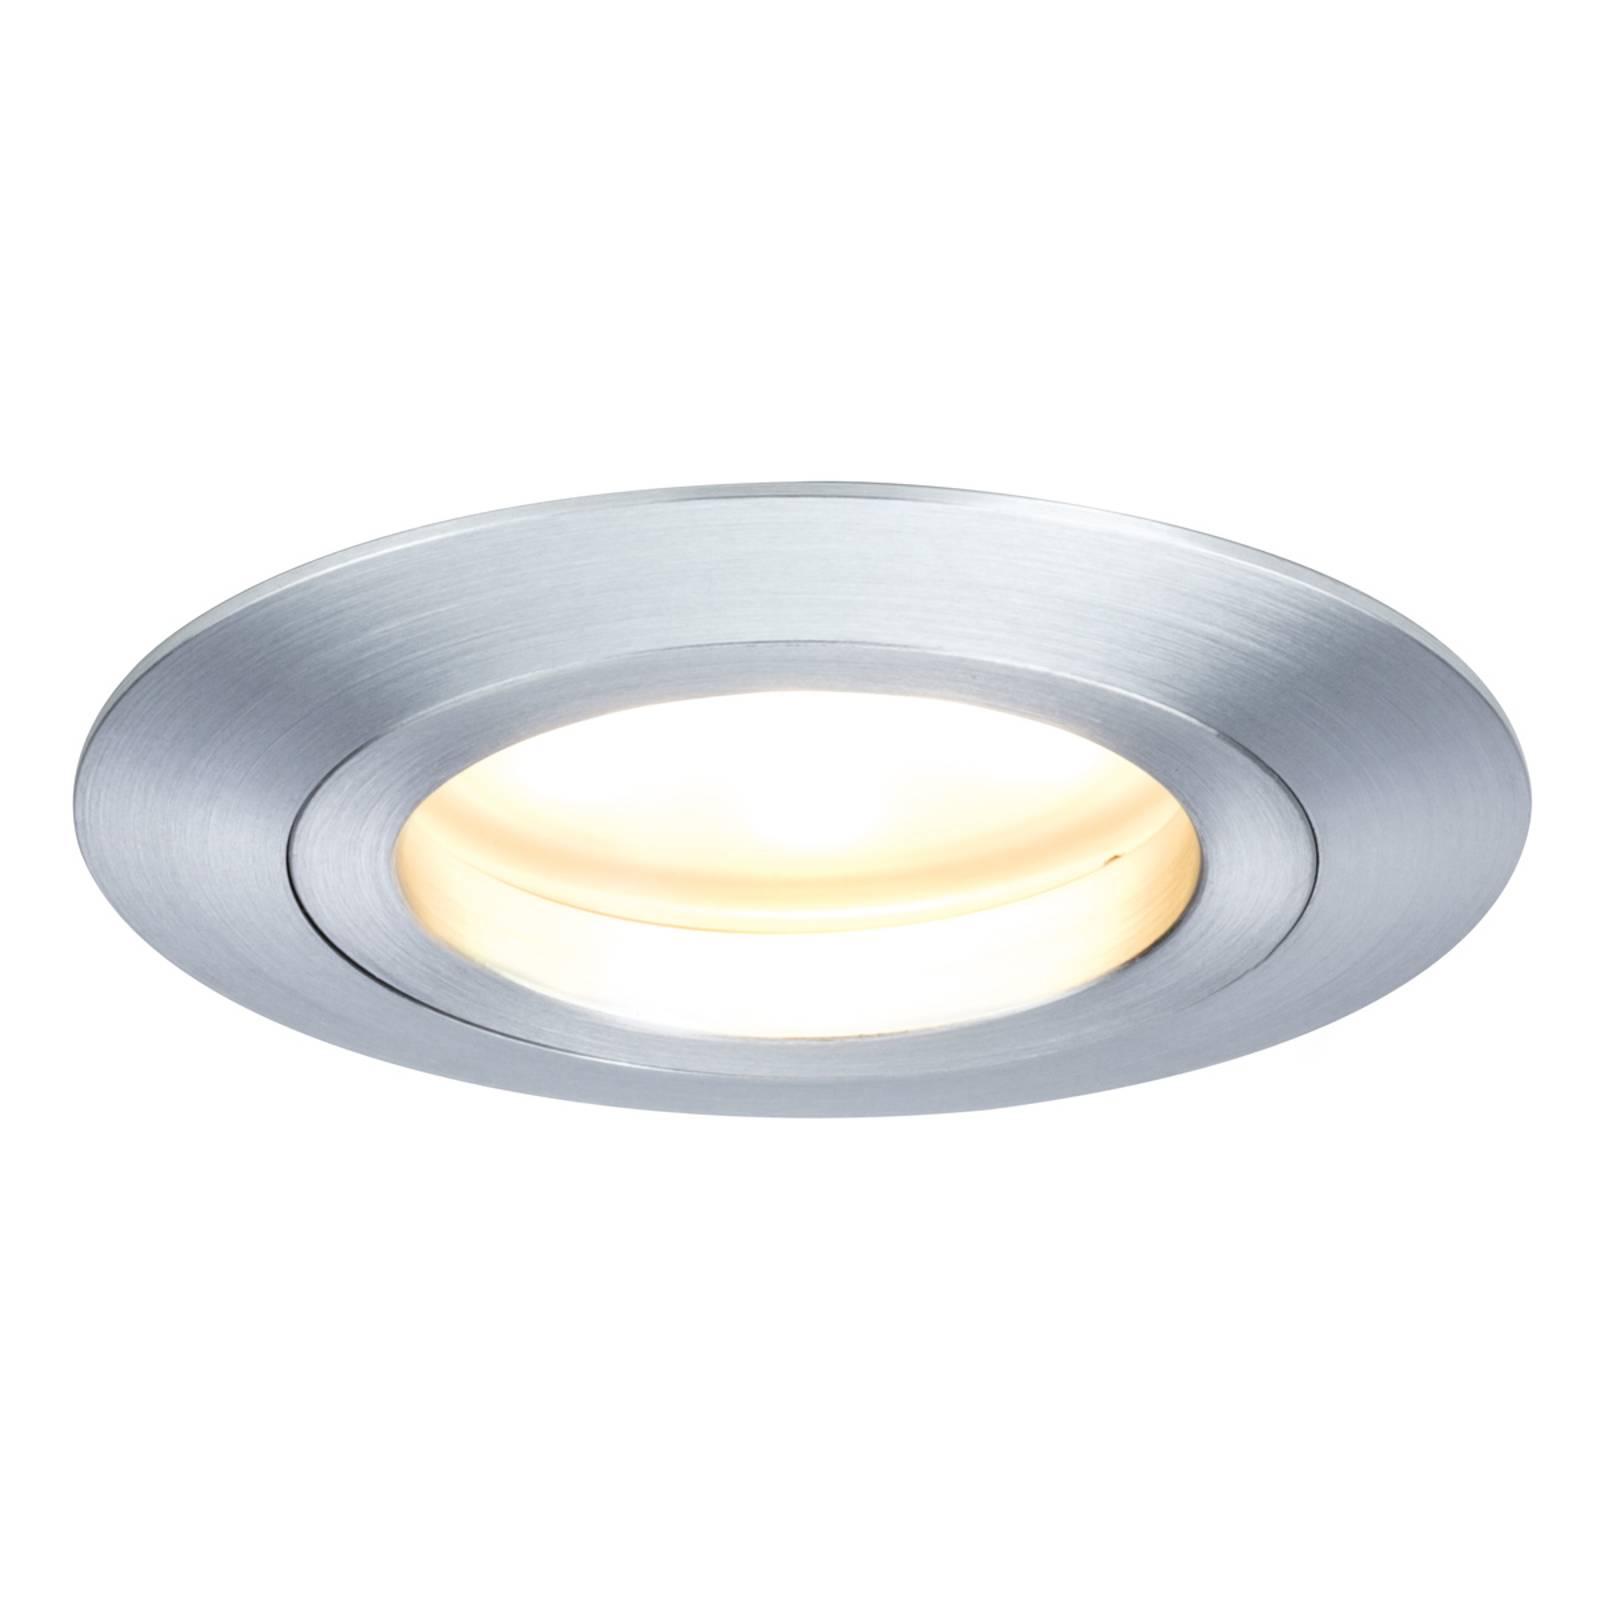 Billede af LED-indbygnings. Coin rund IP44 alu., sæt m 3 stk